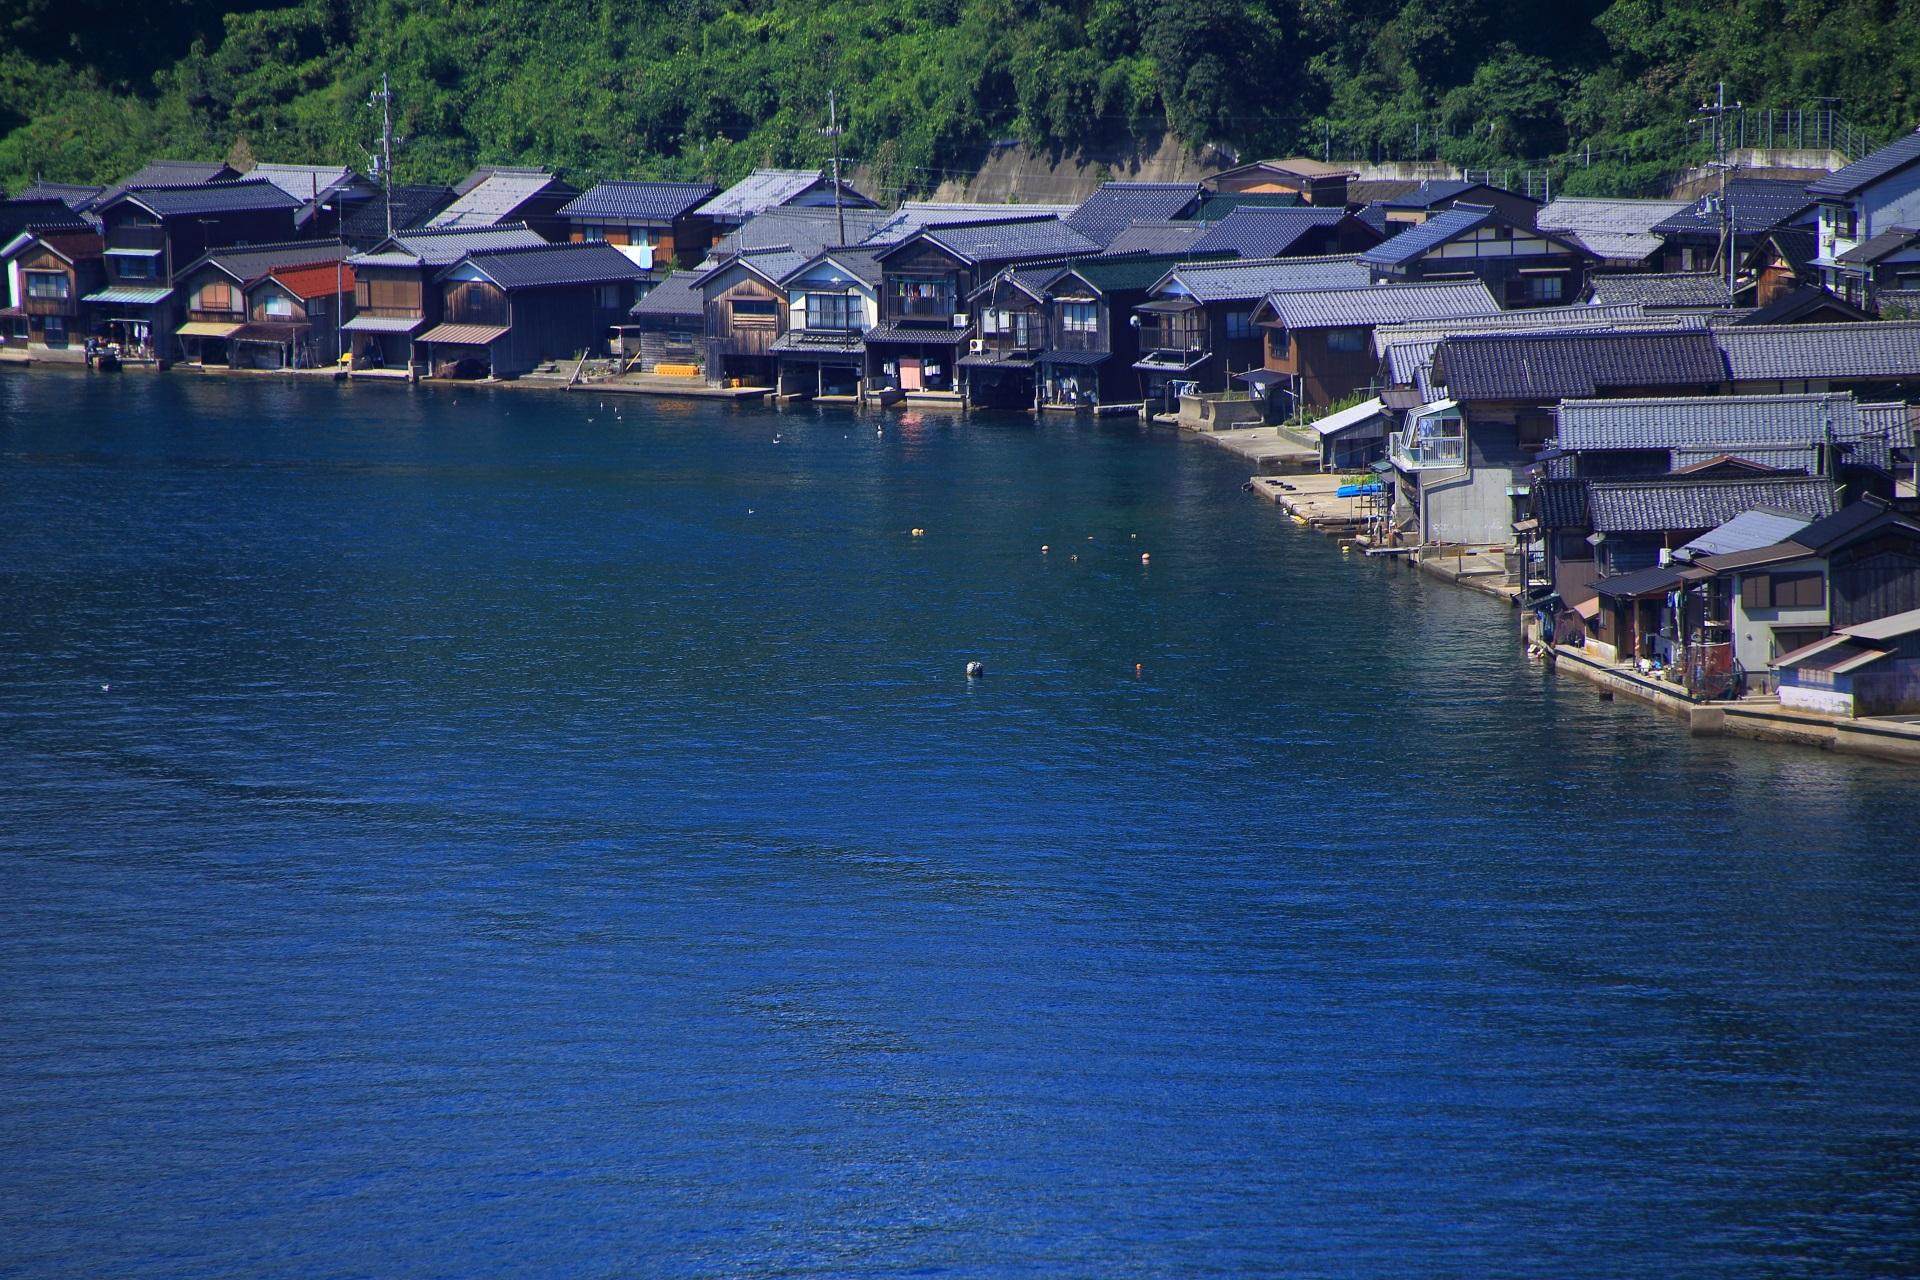 美しい海辺に建ち並ぶいつか泊まってみたい舟屋群